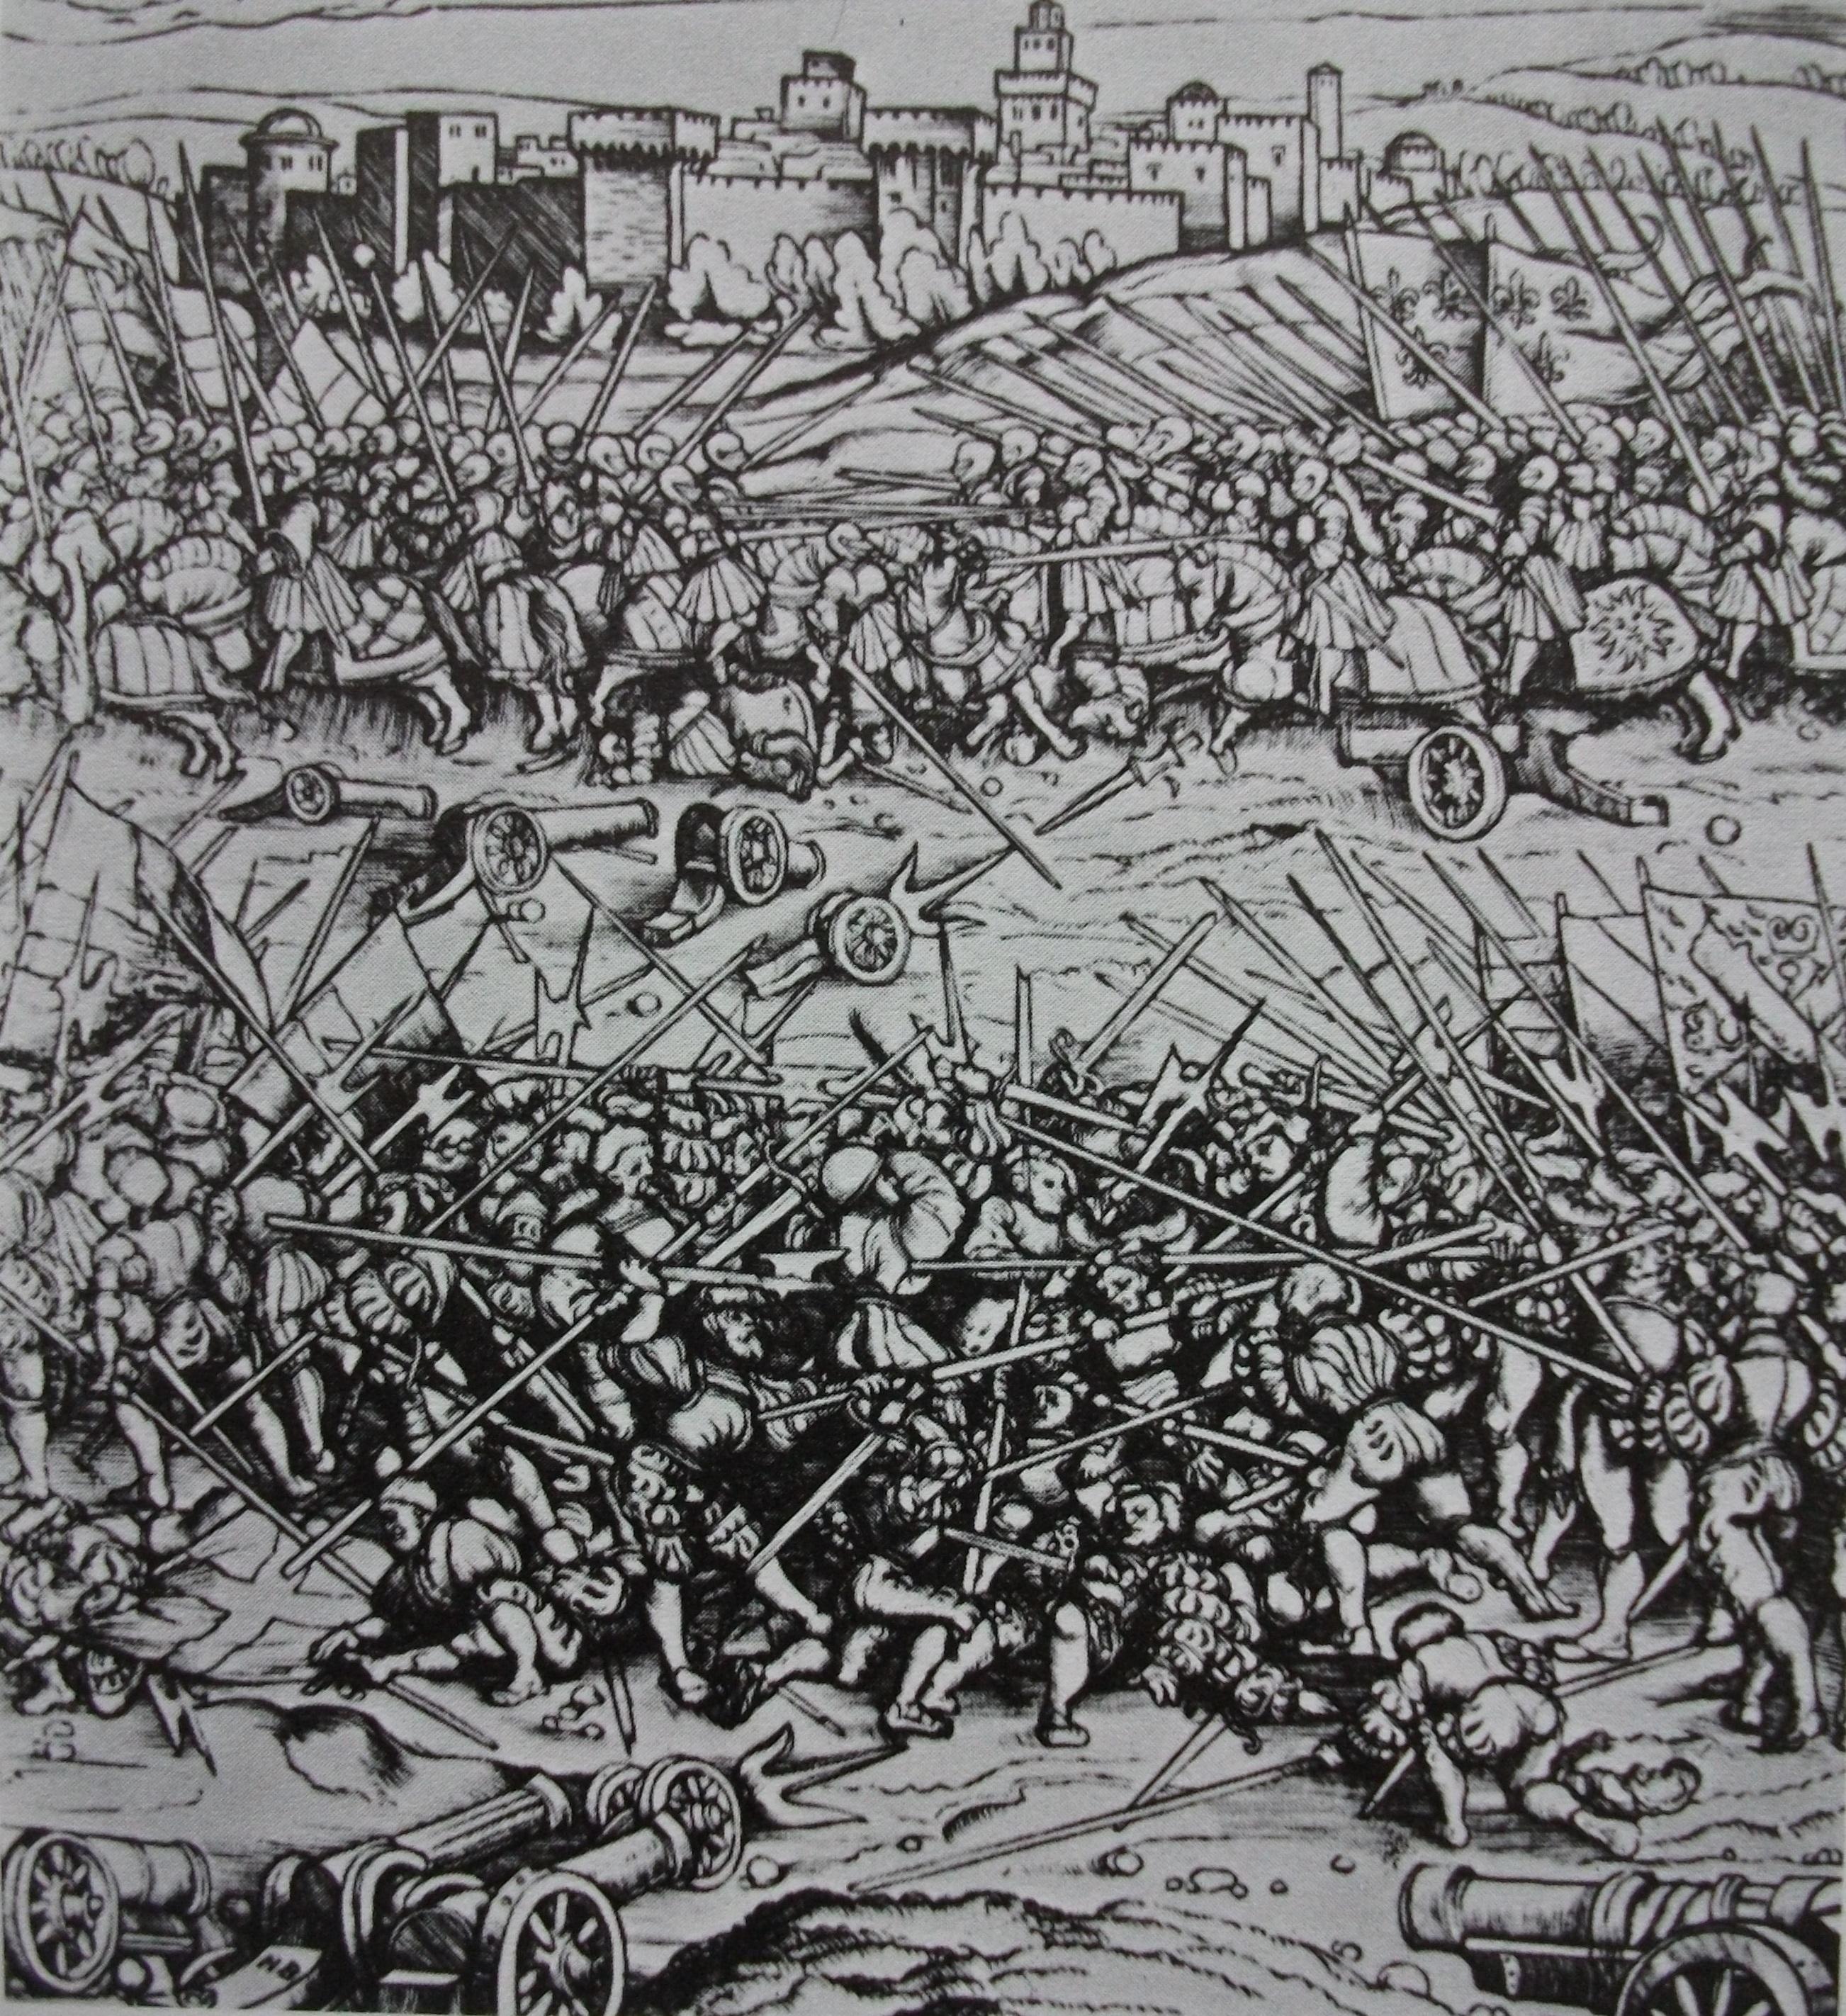 Battaglia di Ravenna